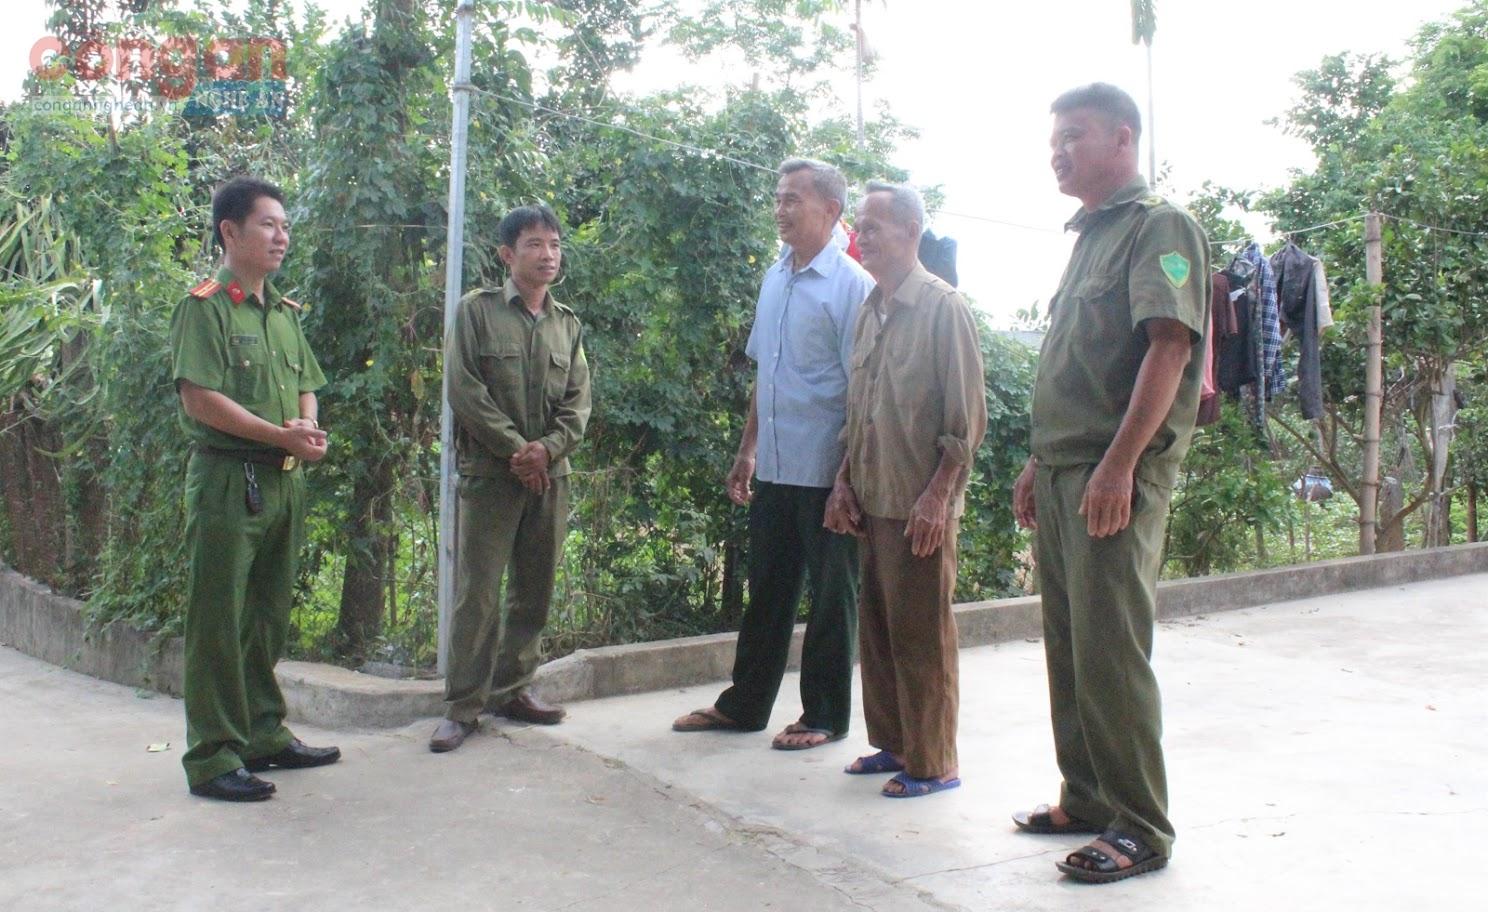 Ban Công an xã Võ Liệt đến từng hộ gia đình để tuyên truyền, phổ biến,               giáo dục pháp luật cho người dân